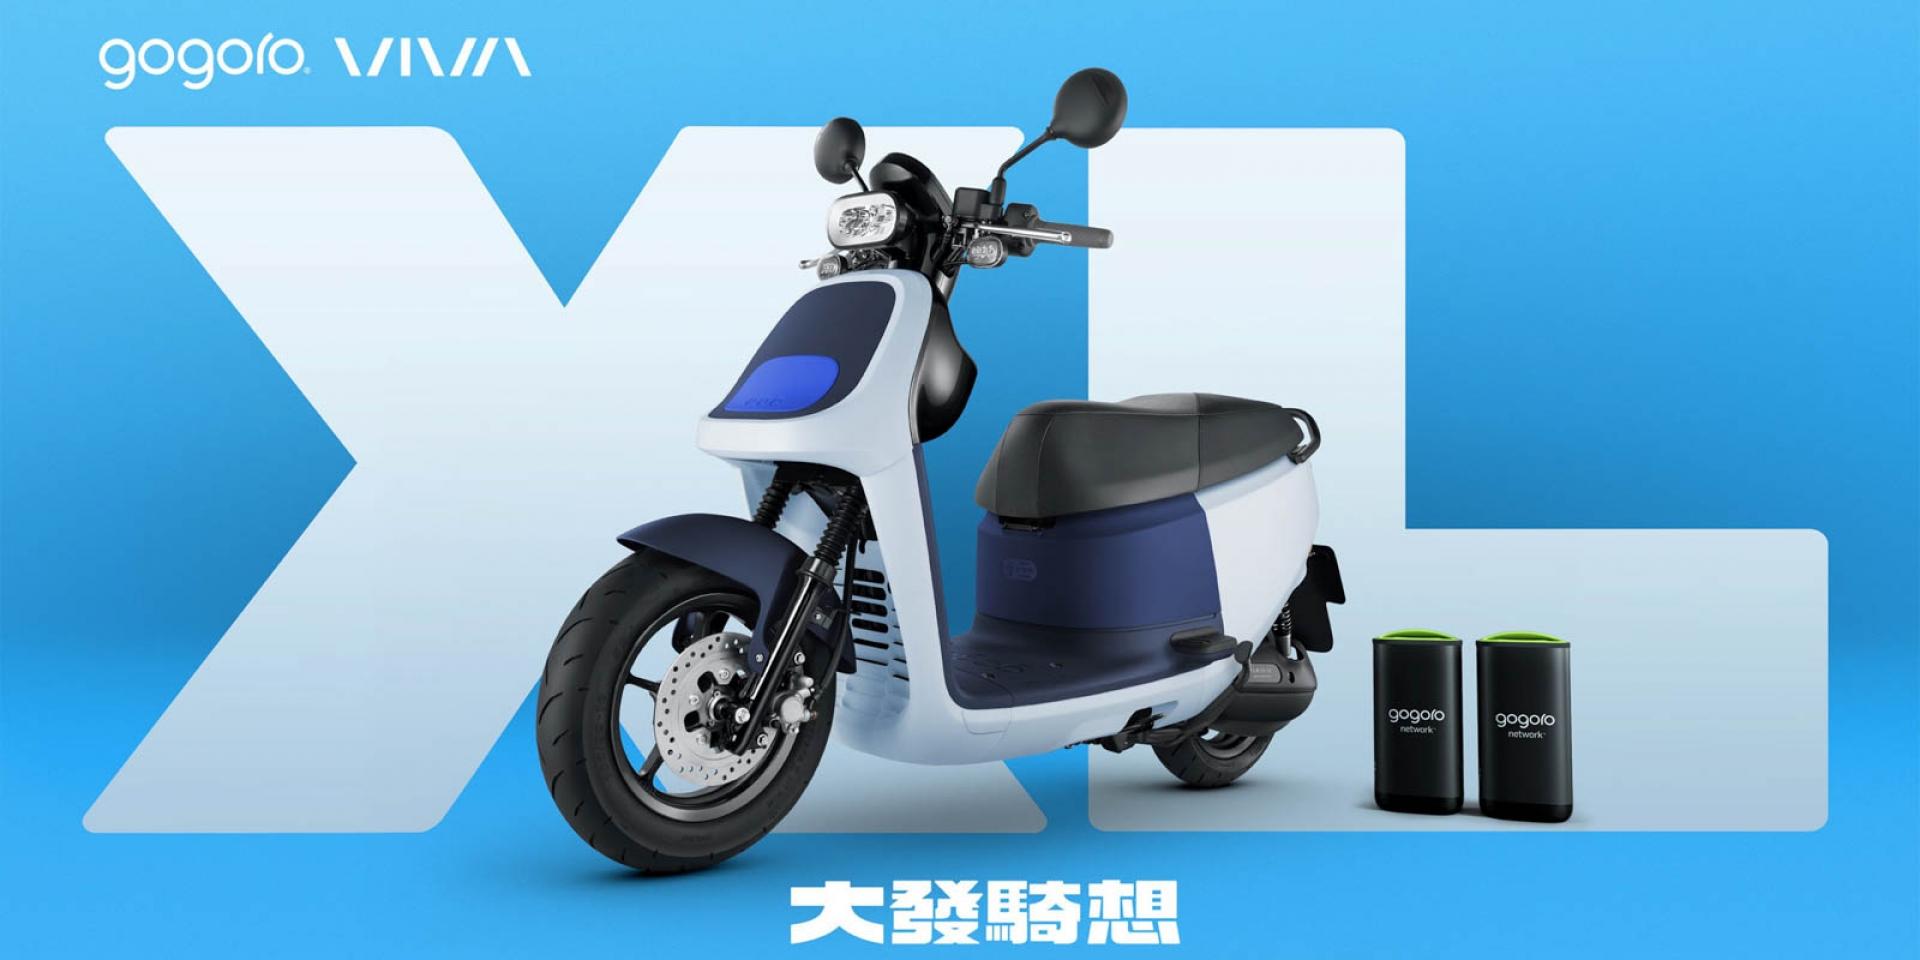 12吋輪圈、皮帶傳動、加大空間!Gogoro VIVA XL 混血新品種發表